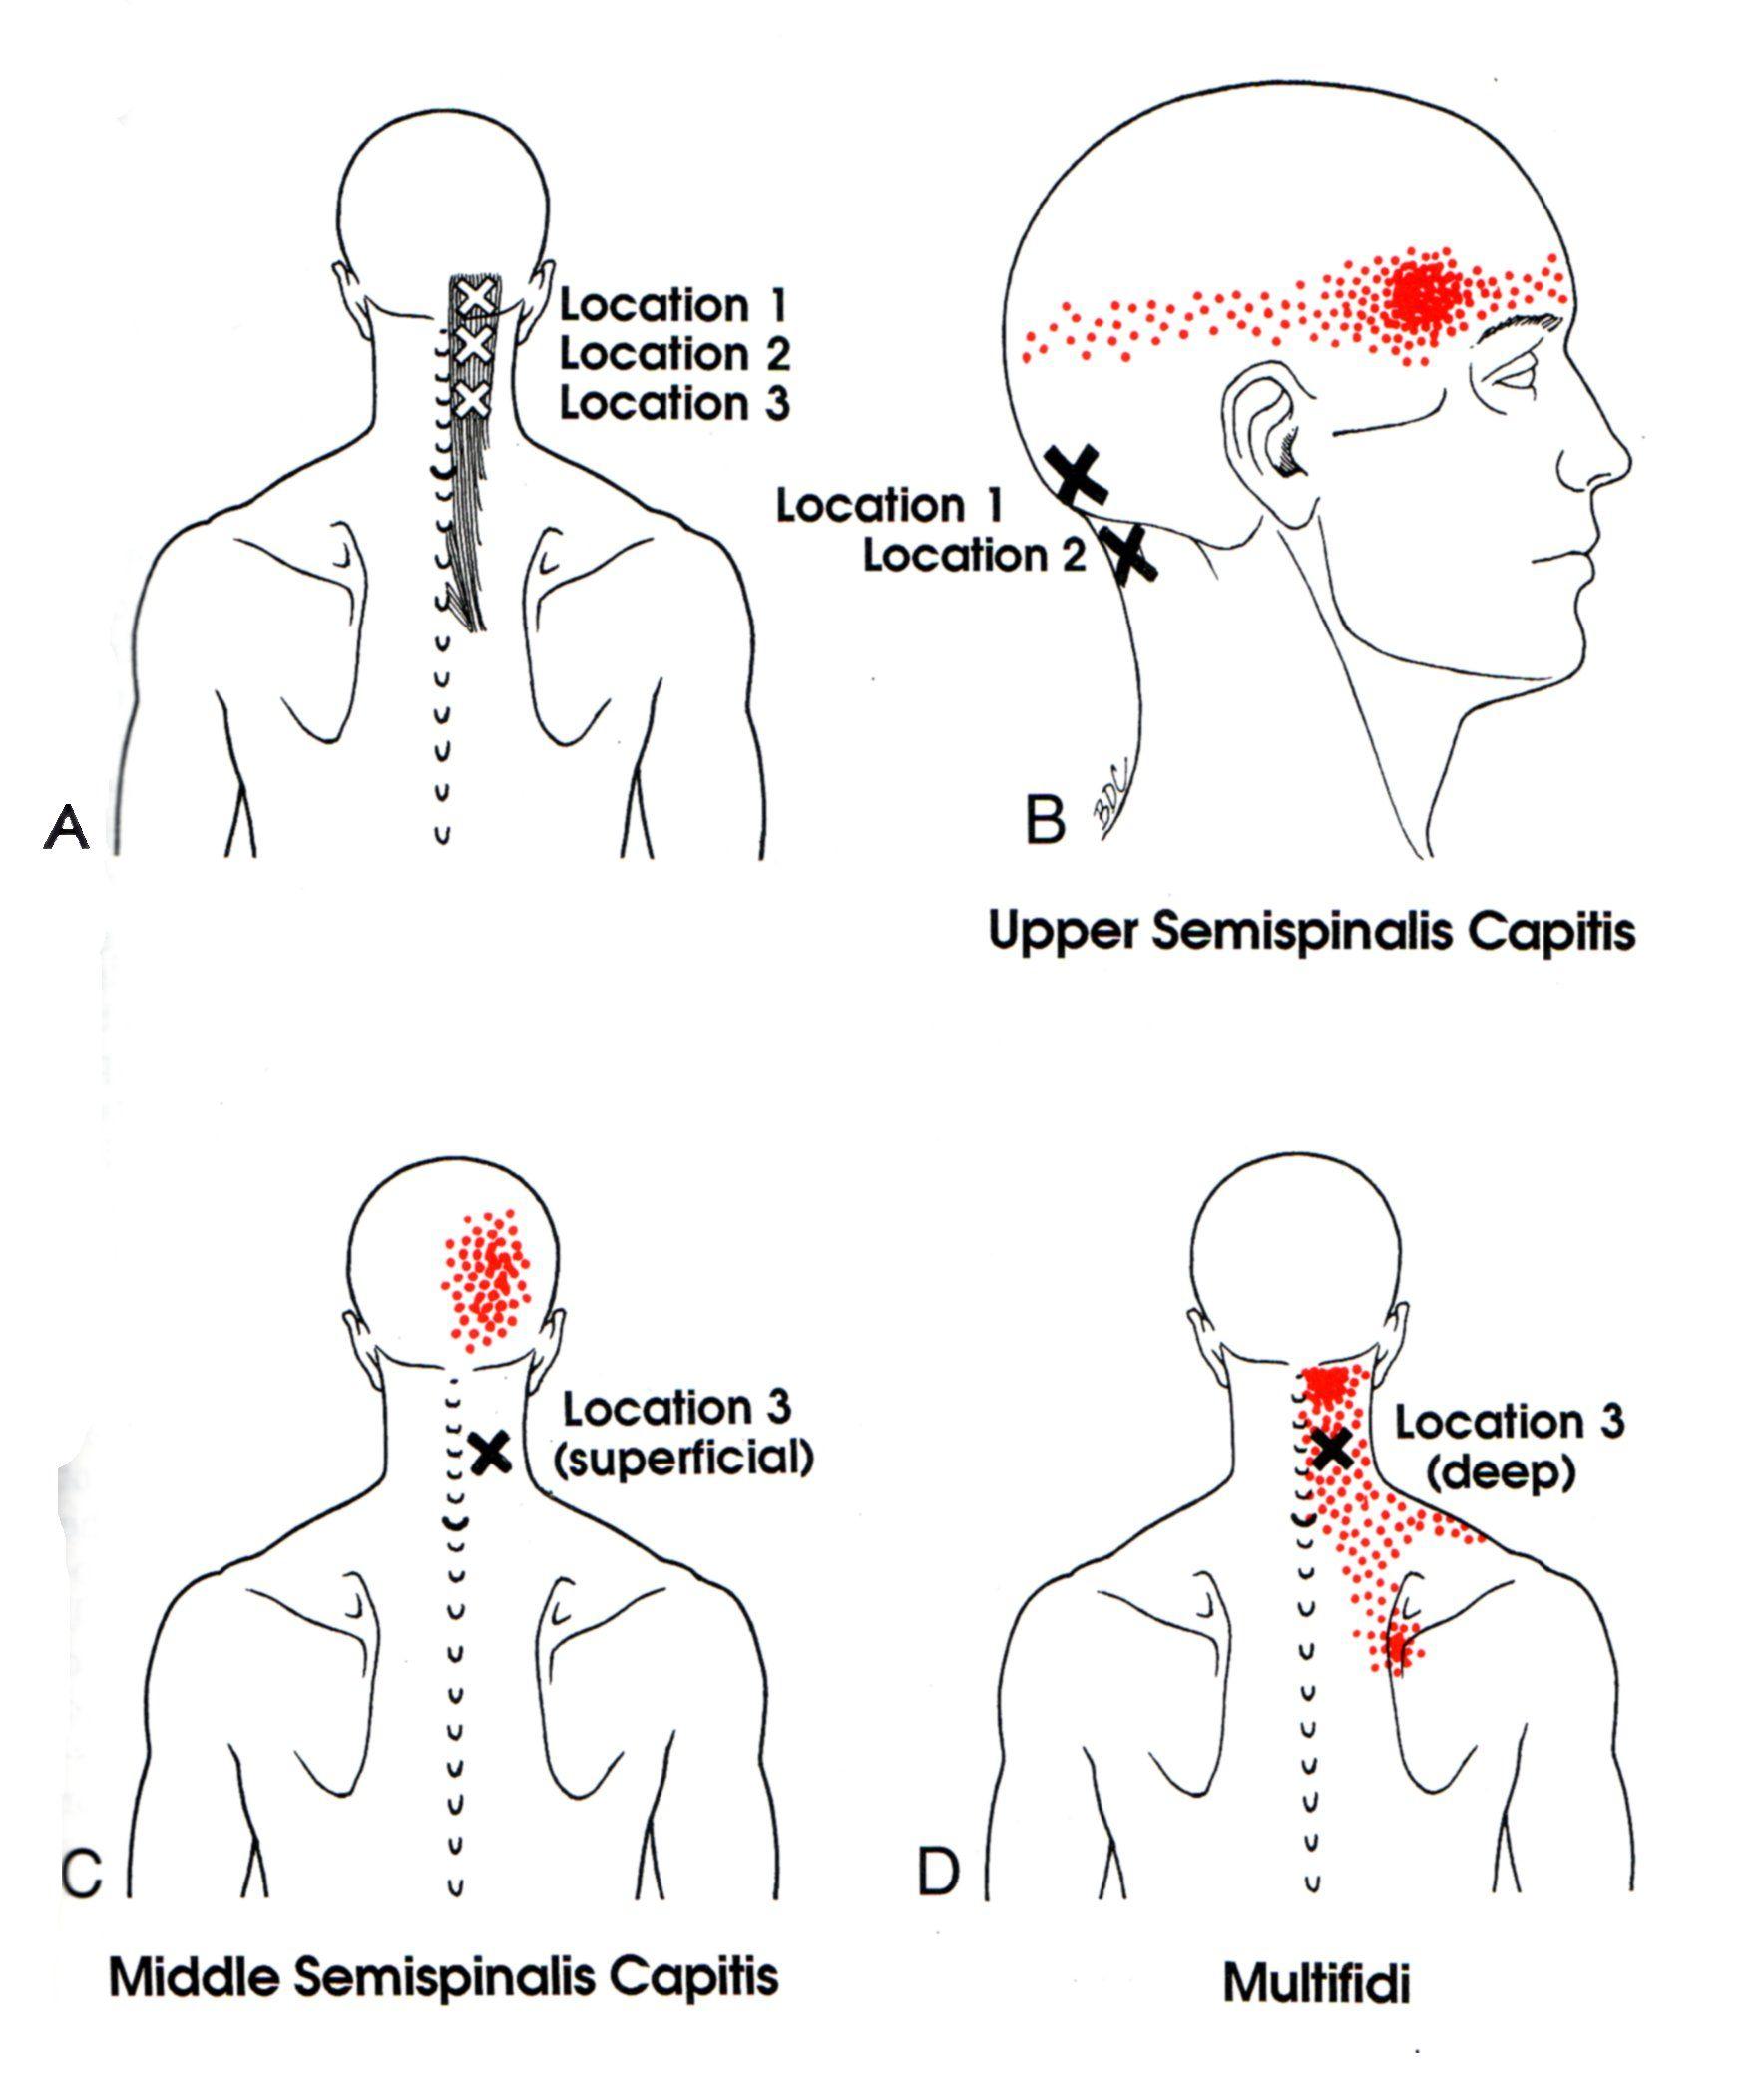 Semispinalis Capitis